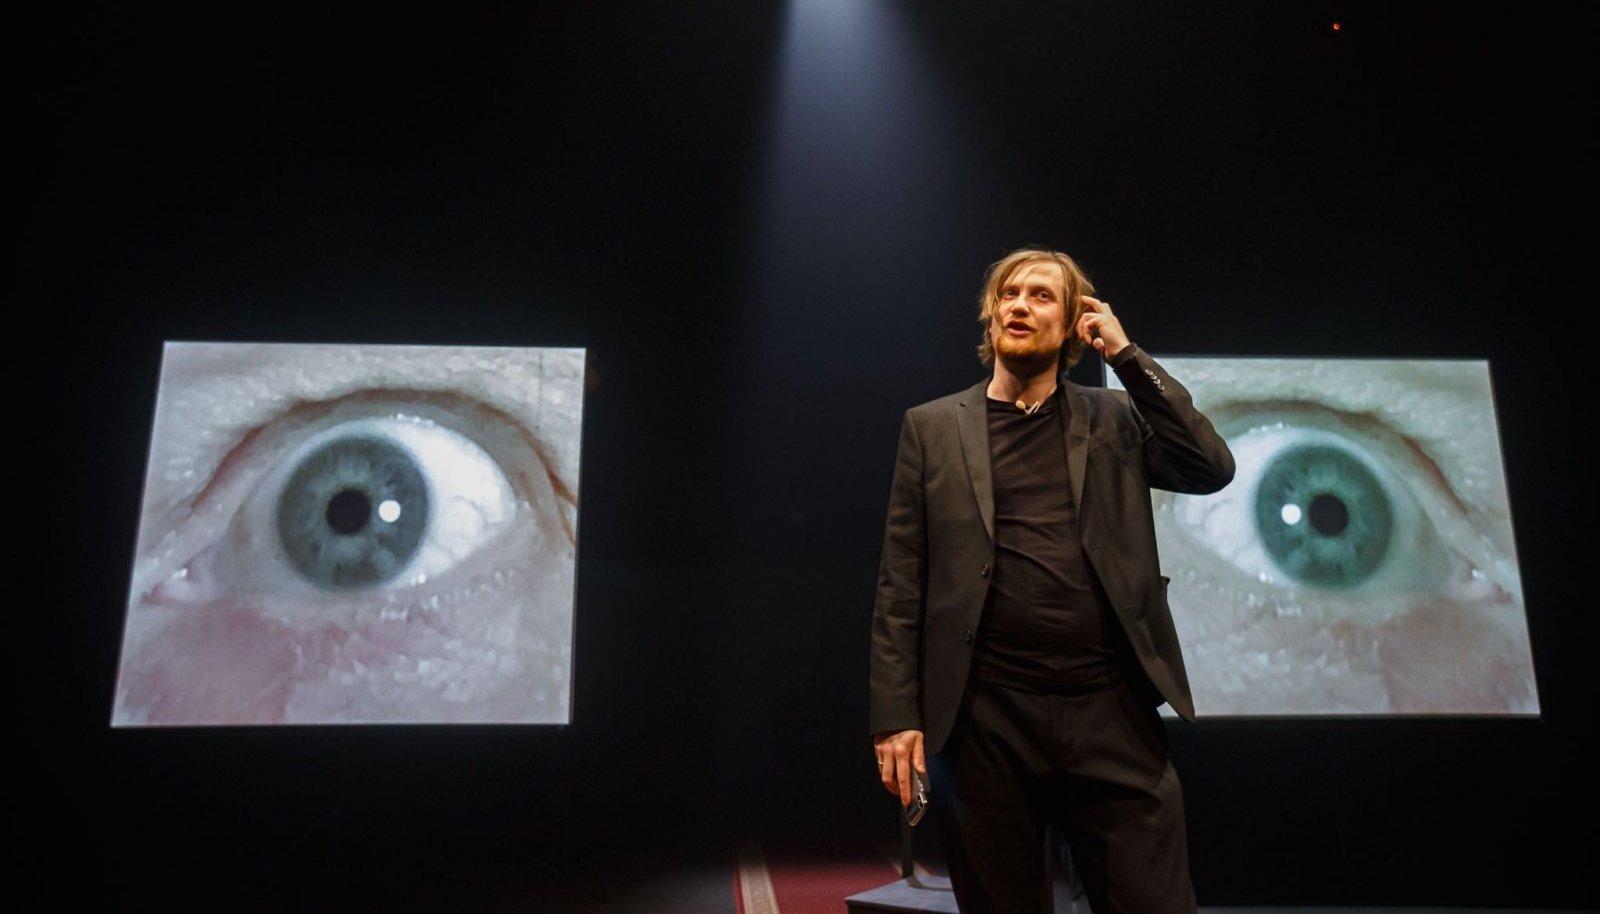 """Mäletate meid suurtelt piltidelt jälginud silmi? Lavastus """"Keegi KGBst"""" viitab üsna tihedalt sellele, kuidas oleme ühest jälgimisühiskonnast jõudnud teise, äkki veel hullemasse. Pildil näitleja Martin Kõiv."""